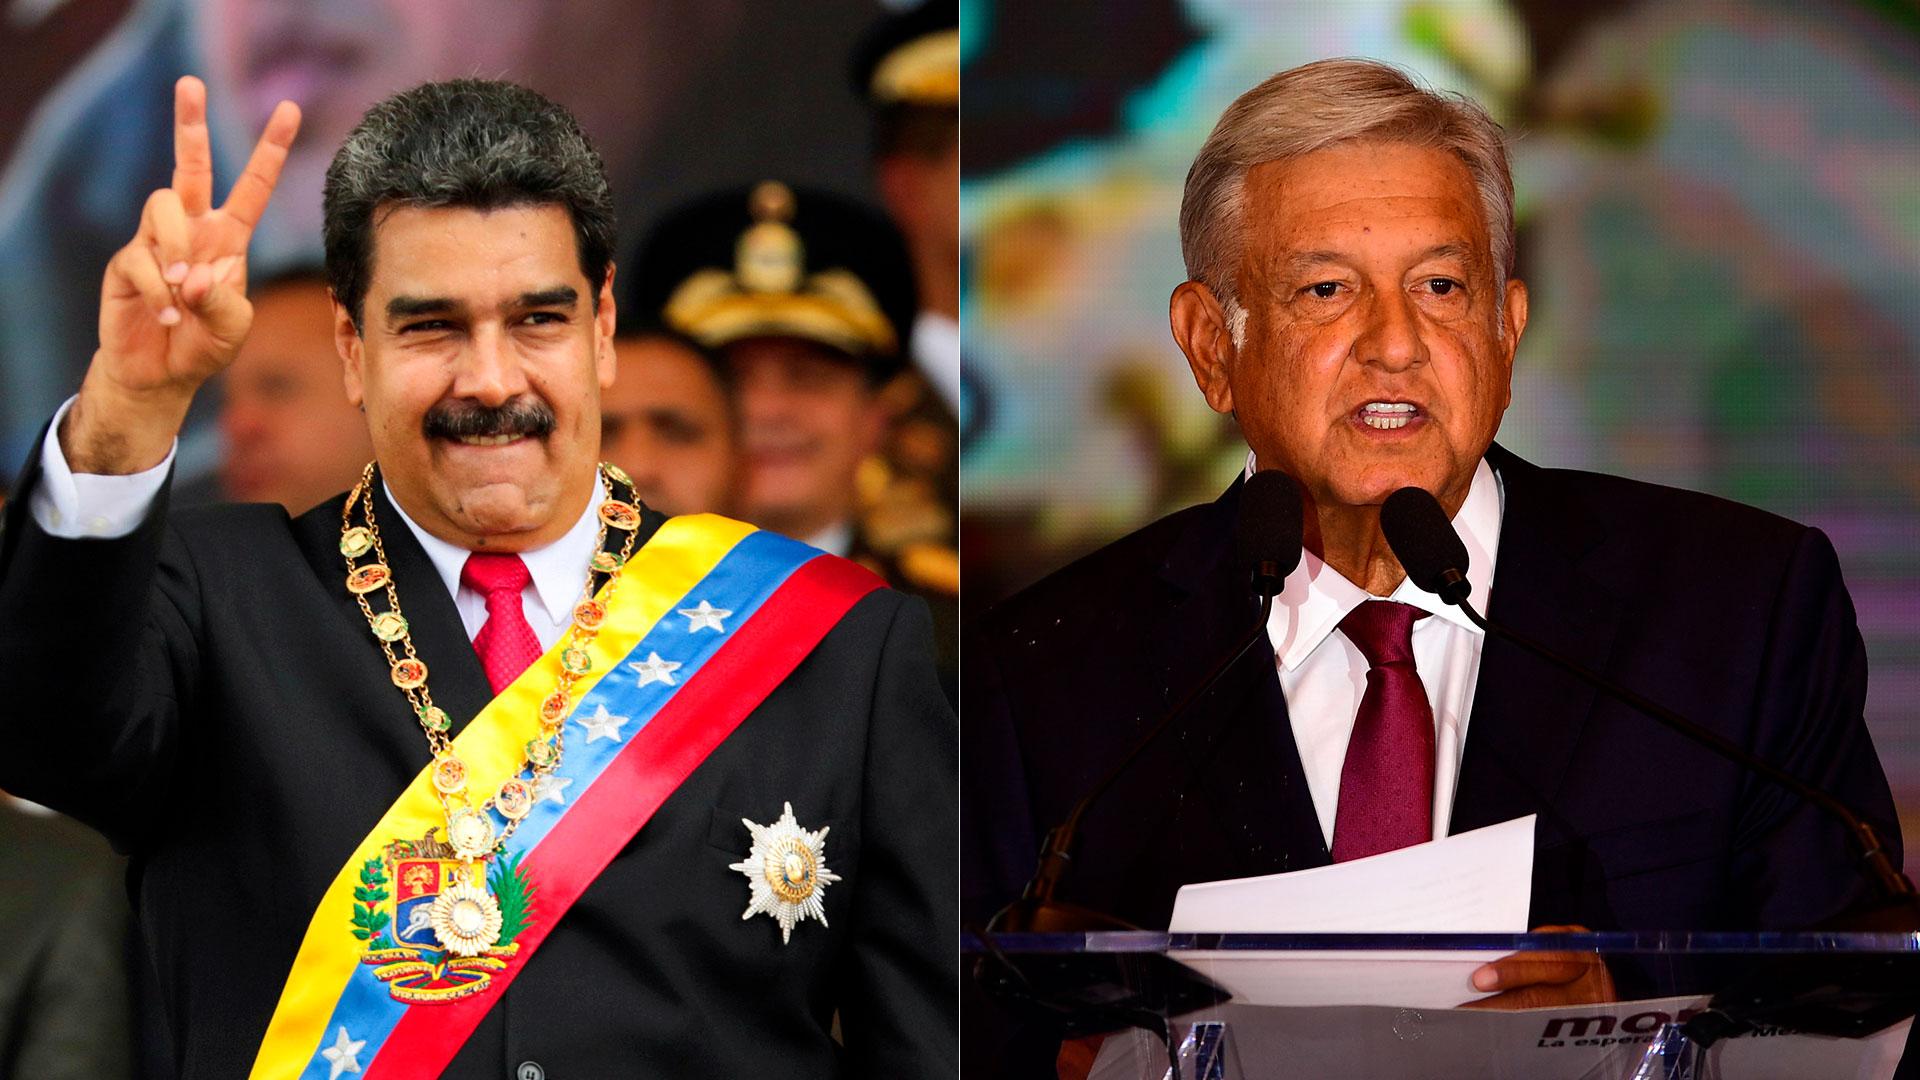 López Obrador aclaró que durante su gestión mantendrá una postura neutral acerca de la política interna de otros países (Foto: Reuters)